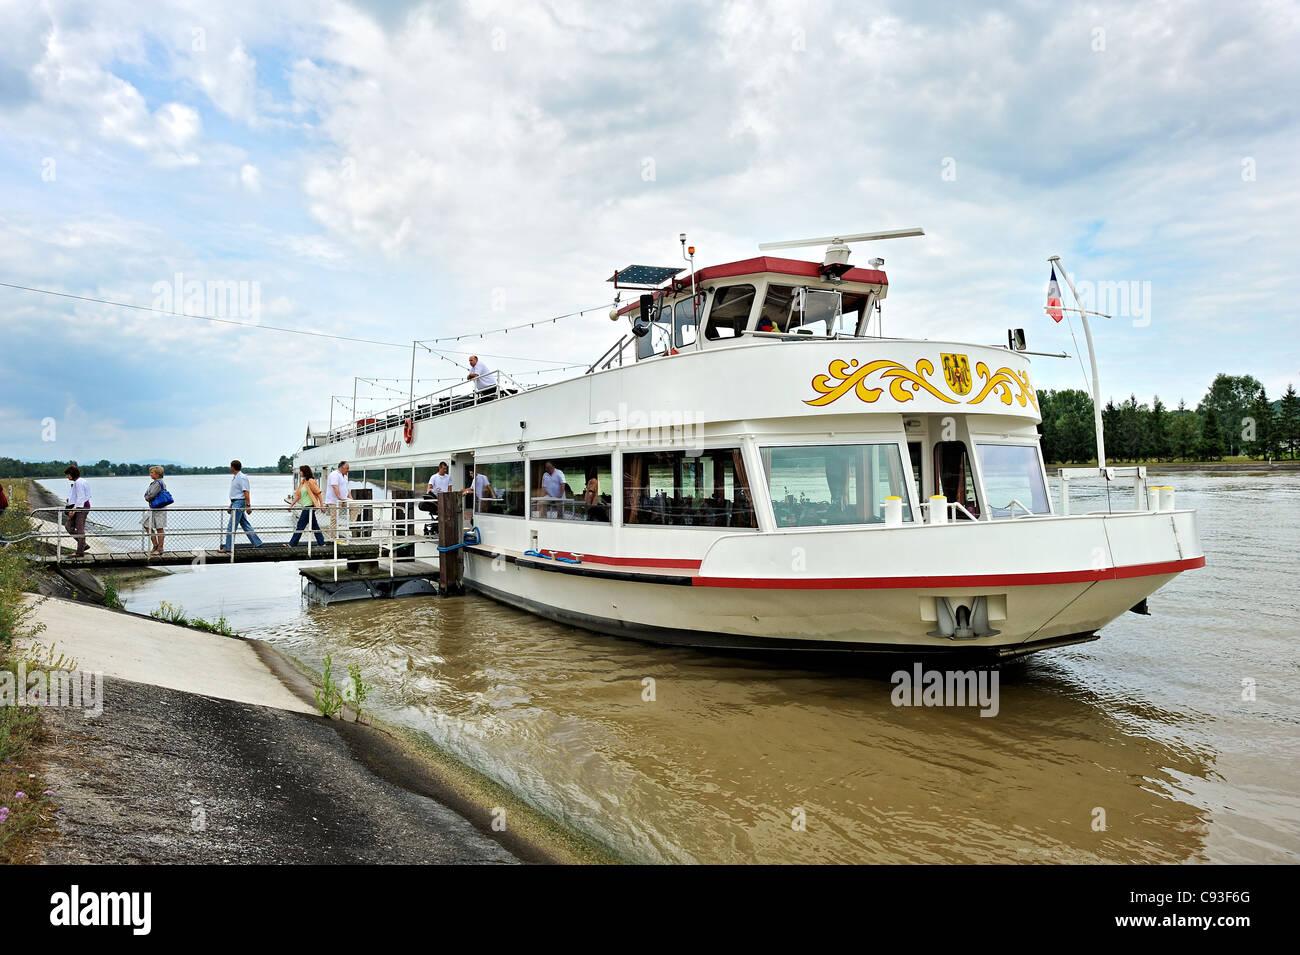 Viaje en barco por el río Rhin, Francia. Imagen De Stock